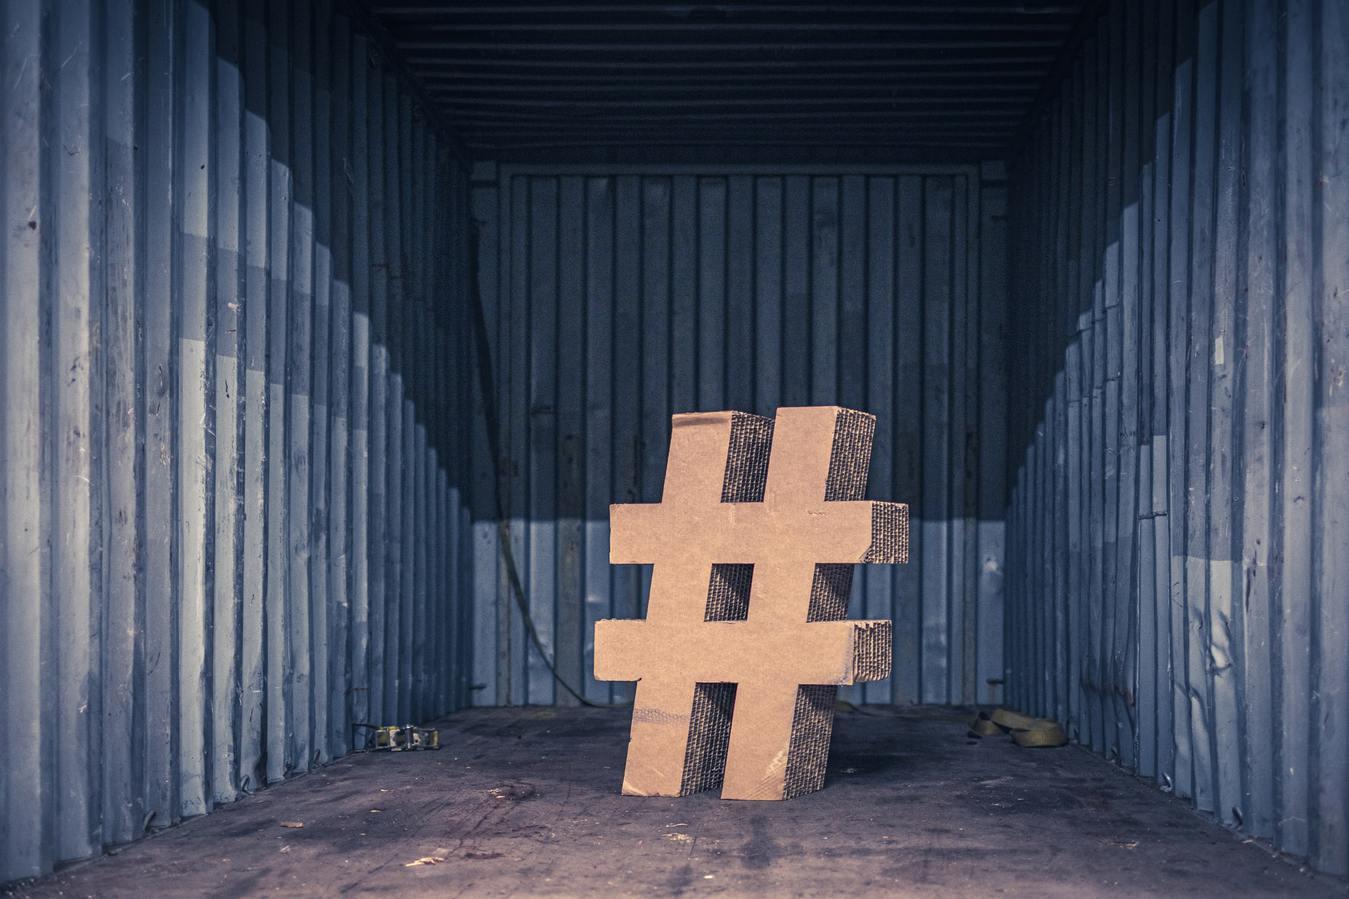 Sinal hashtag em cartão num contentor de transporte